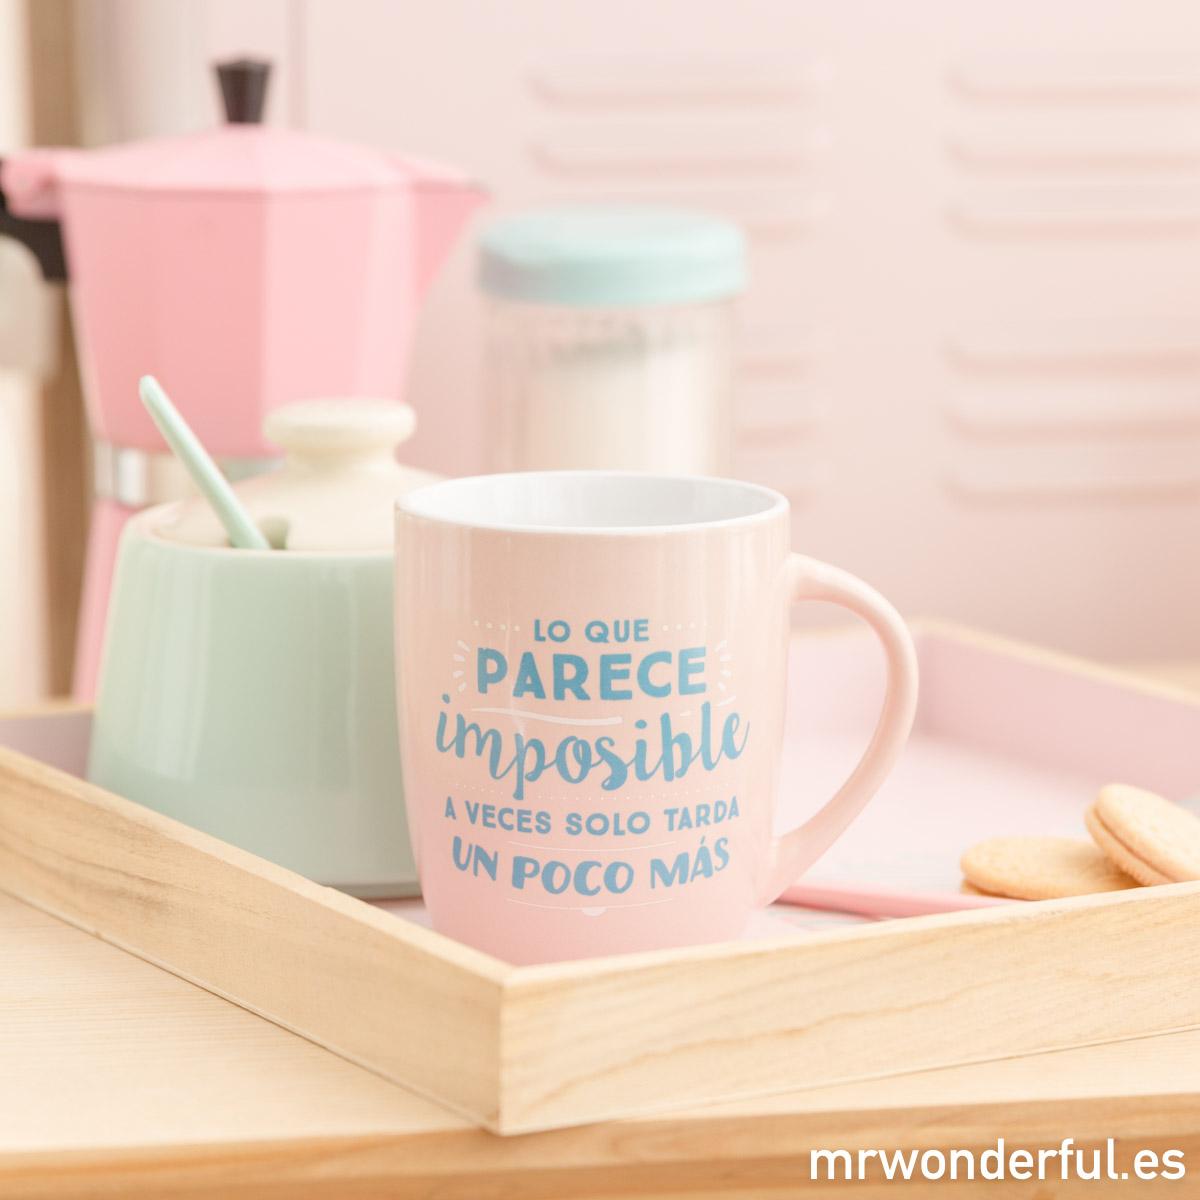 mrwonderful_8435460708838_woa03770es_lo-que-parece-imposible-es-rosa-233